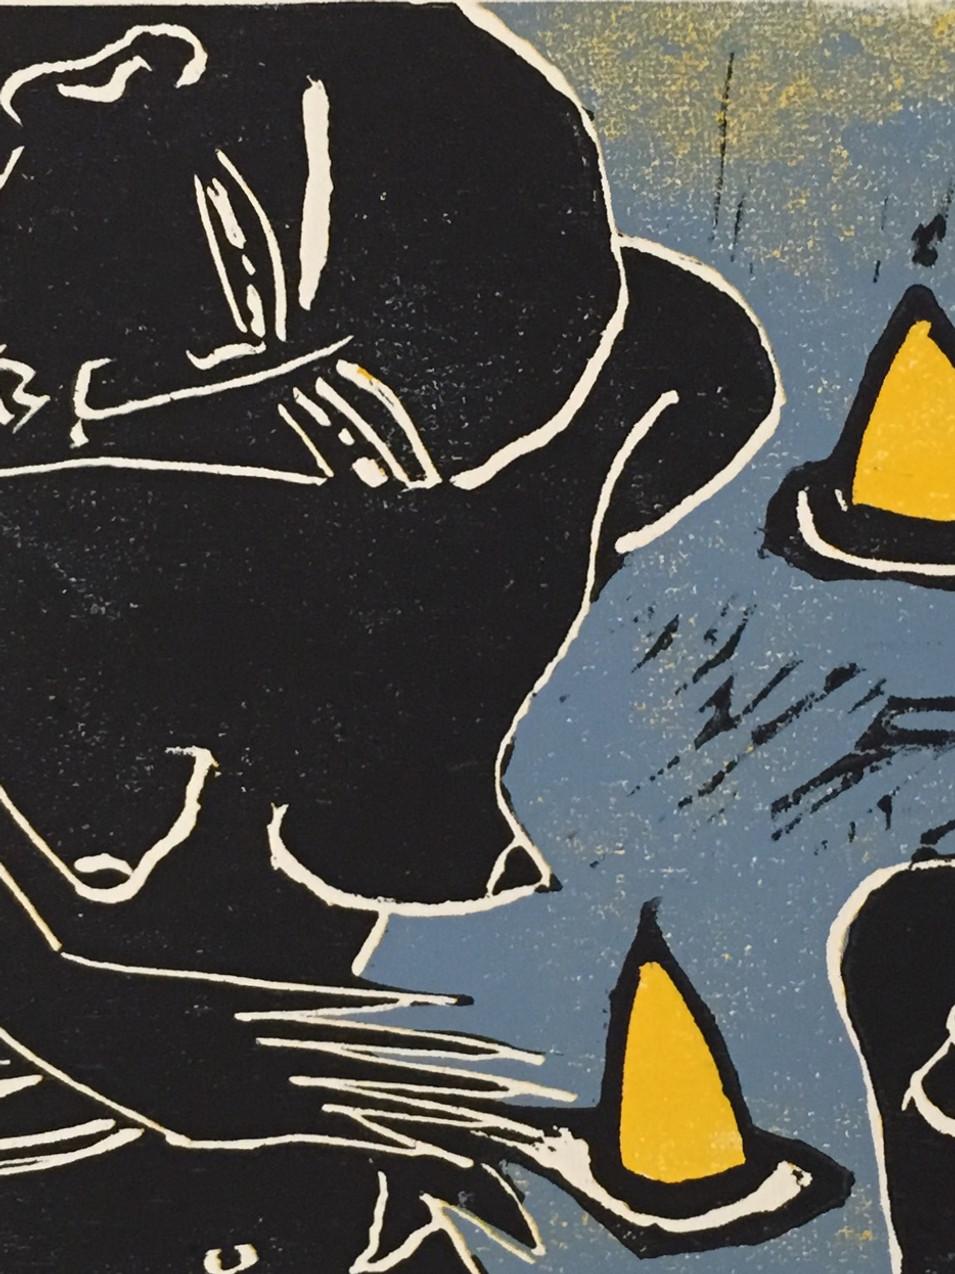 Klaus Süß   Hütchenspiel   Mappe Spiel mit mir   2012   Farbholzschnitt   1/6   35 x 50 cm  Mappe komplett 1300 Euro